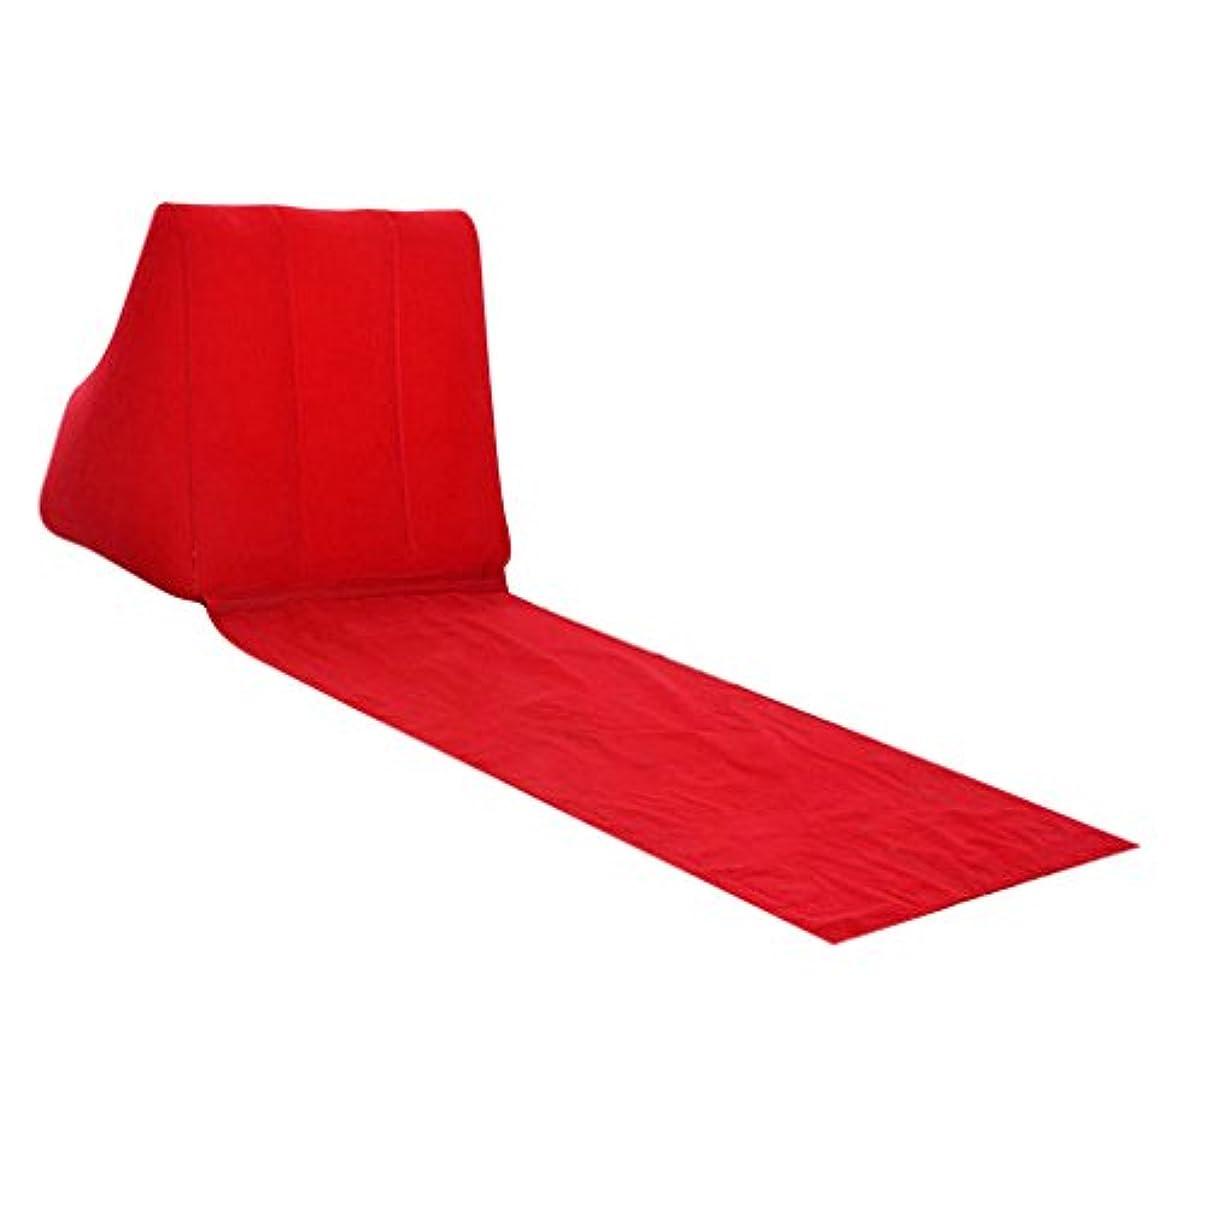 ウィンクかき混ぜる疼痛Fityle インフレータブル ビーチ 日光浴 キャンプ 背中枕 クッション 椅子 エアスリープベッド 5色選べる